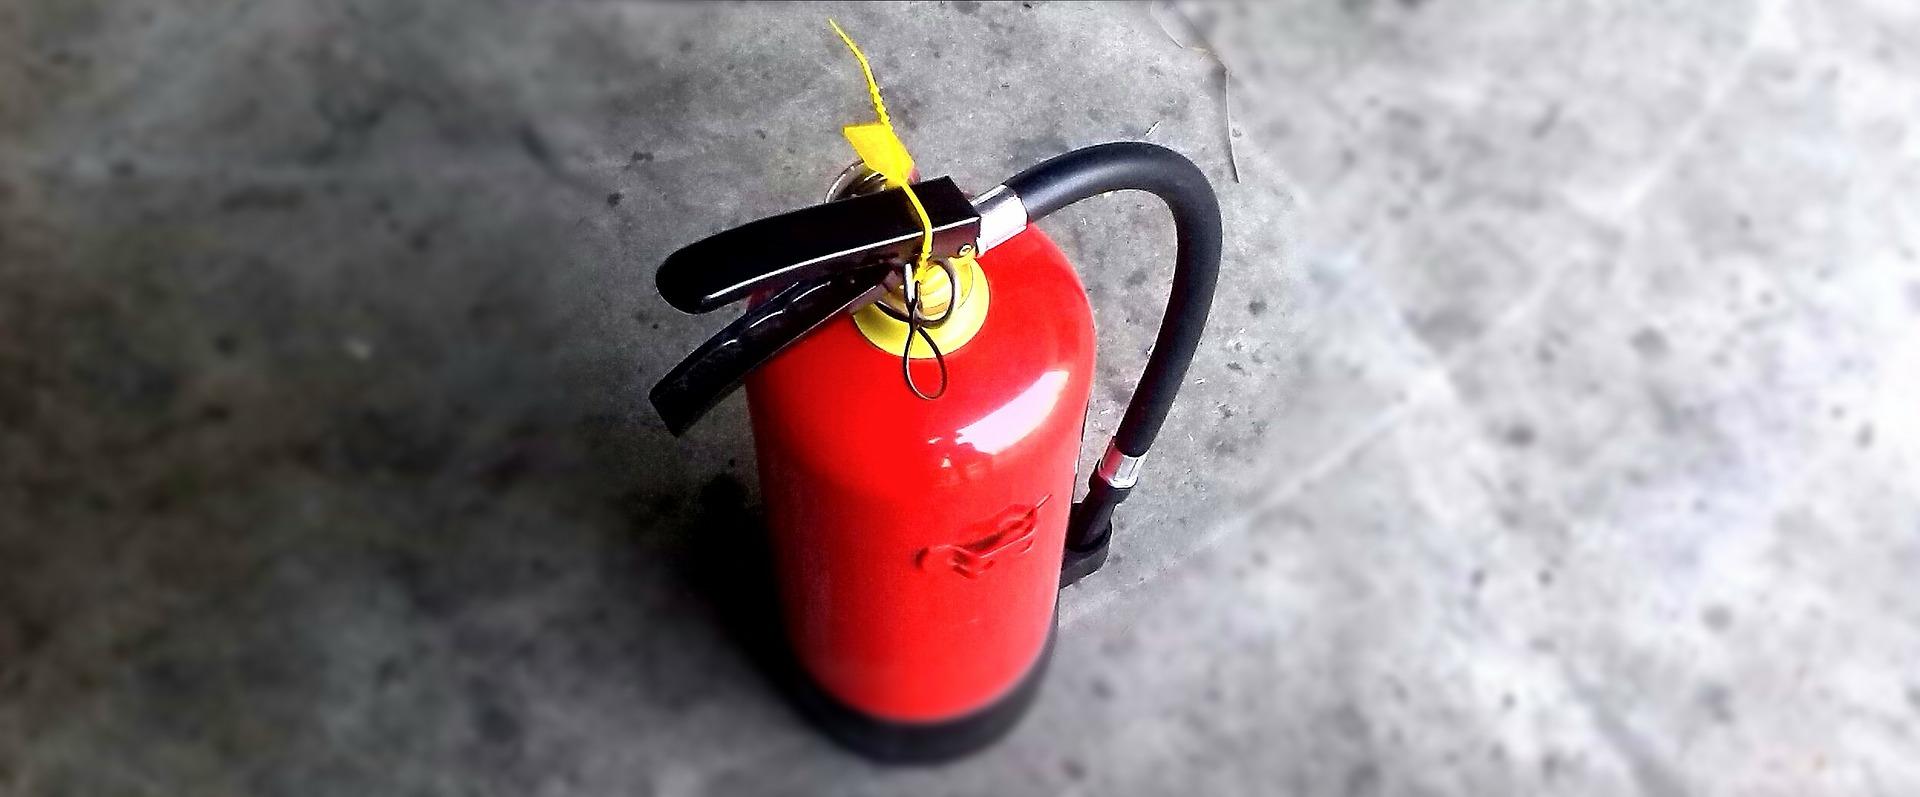 equipamentos segurança construção